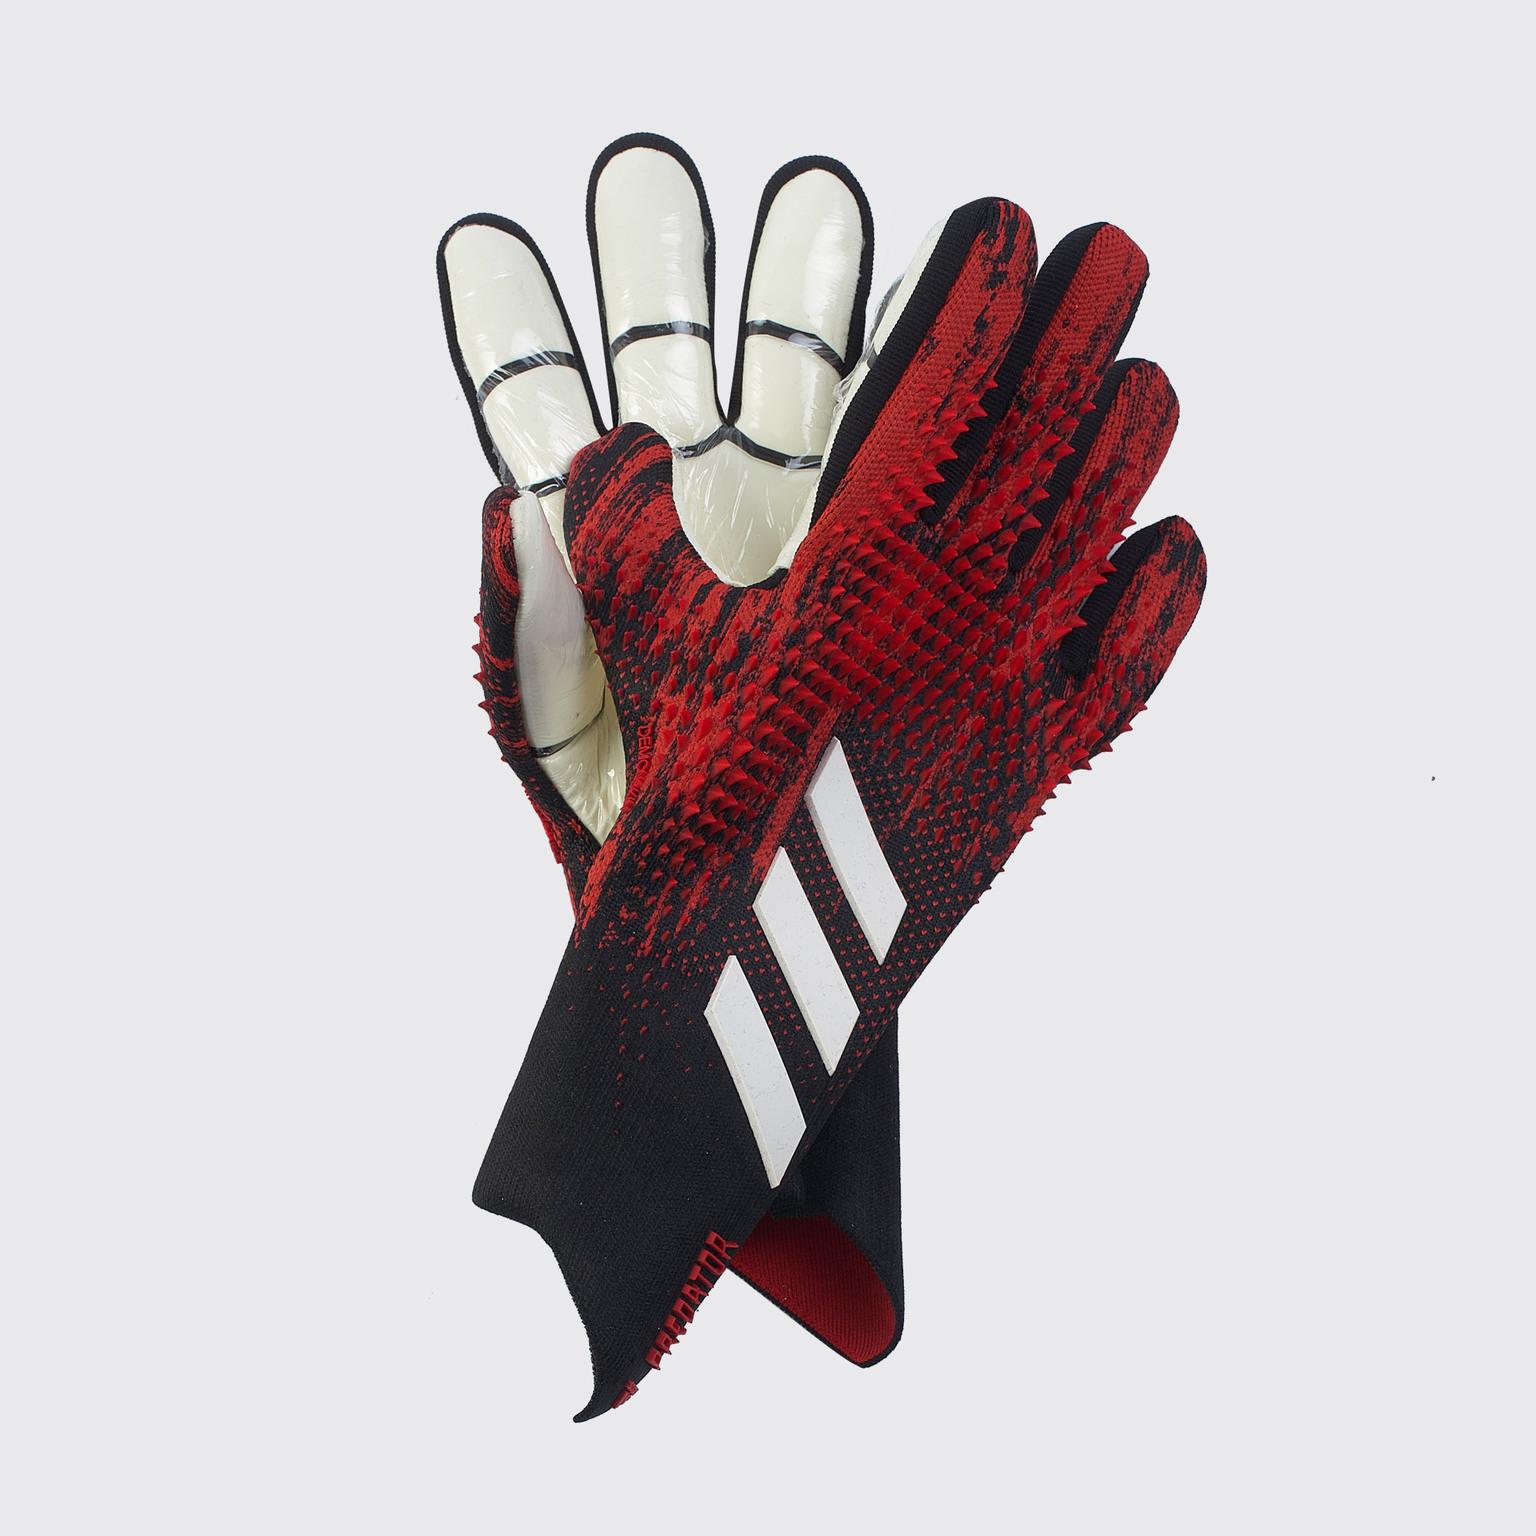 Перчатки вратарские Adidas Predator Pro FH7288 перчатки вратарские alphakeepers pro roll extreme p5 1465 010